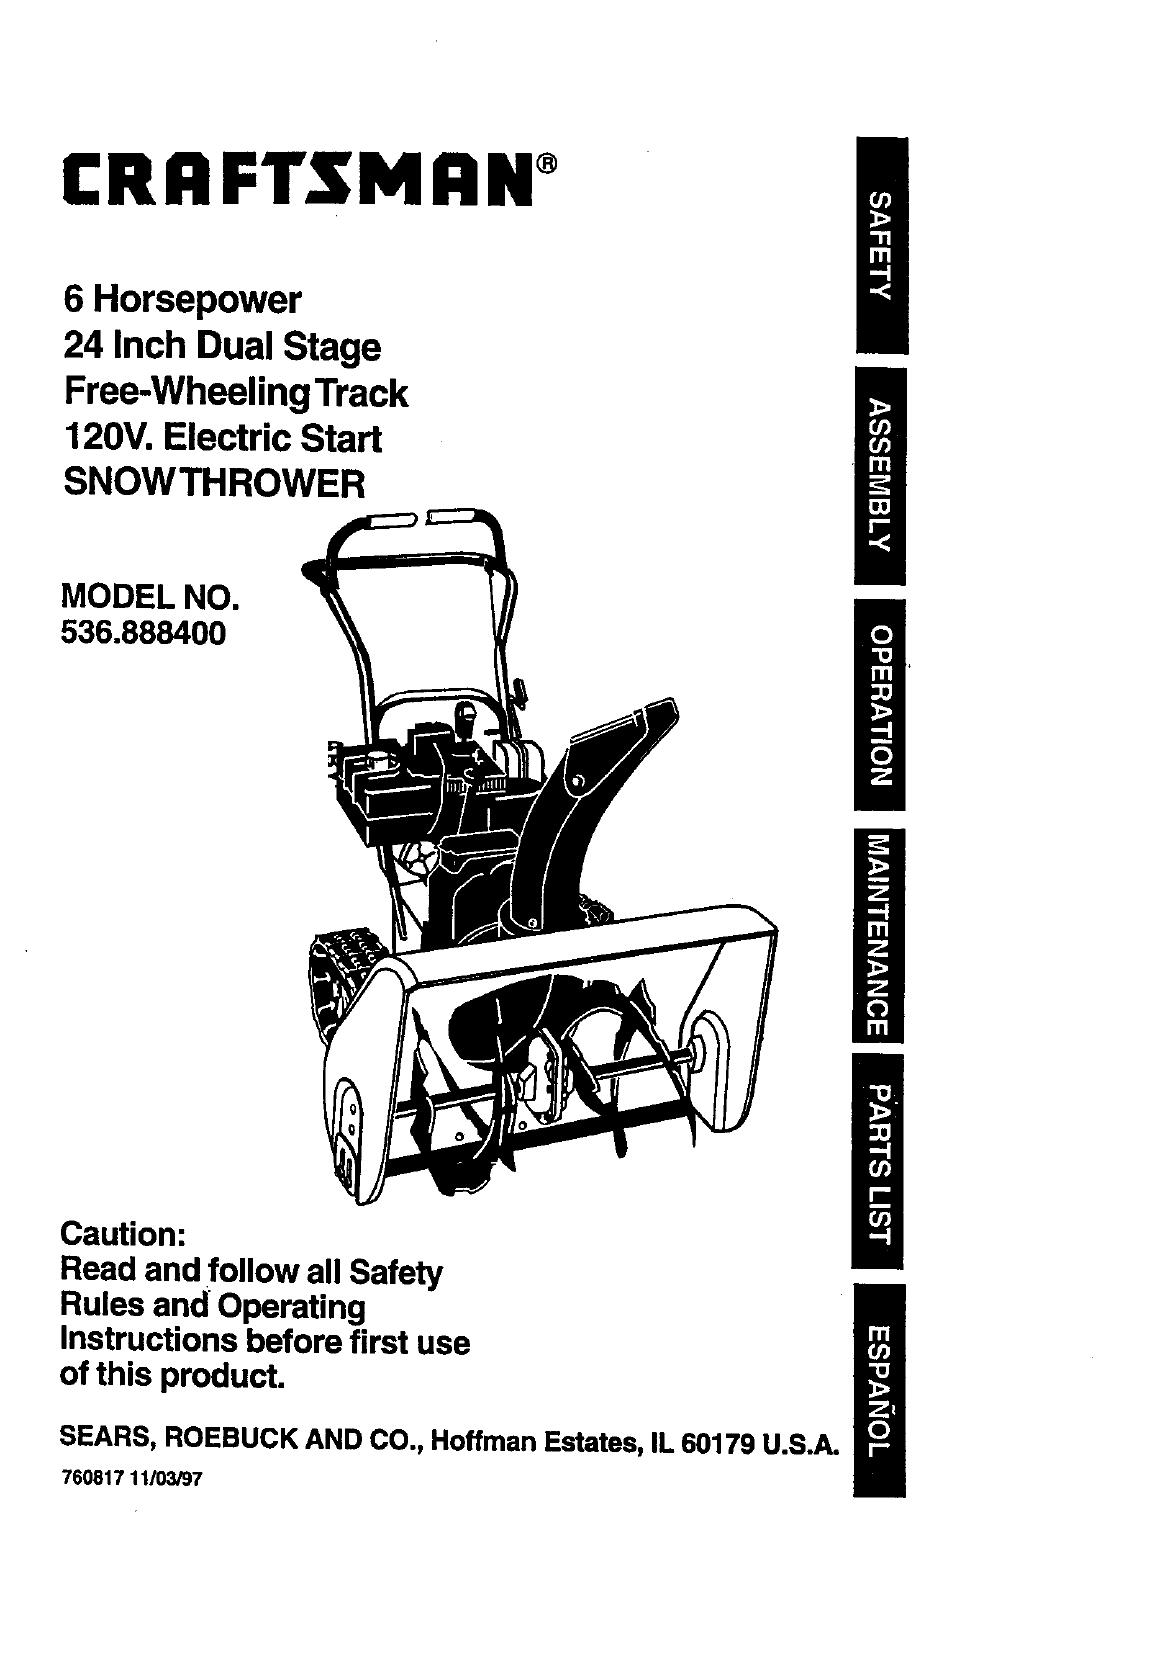 craftsman snowblower repair manual pdf